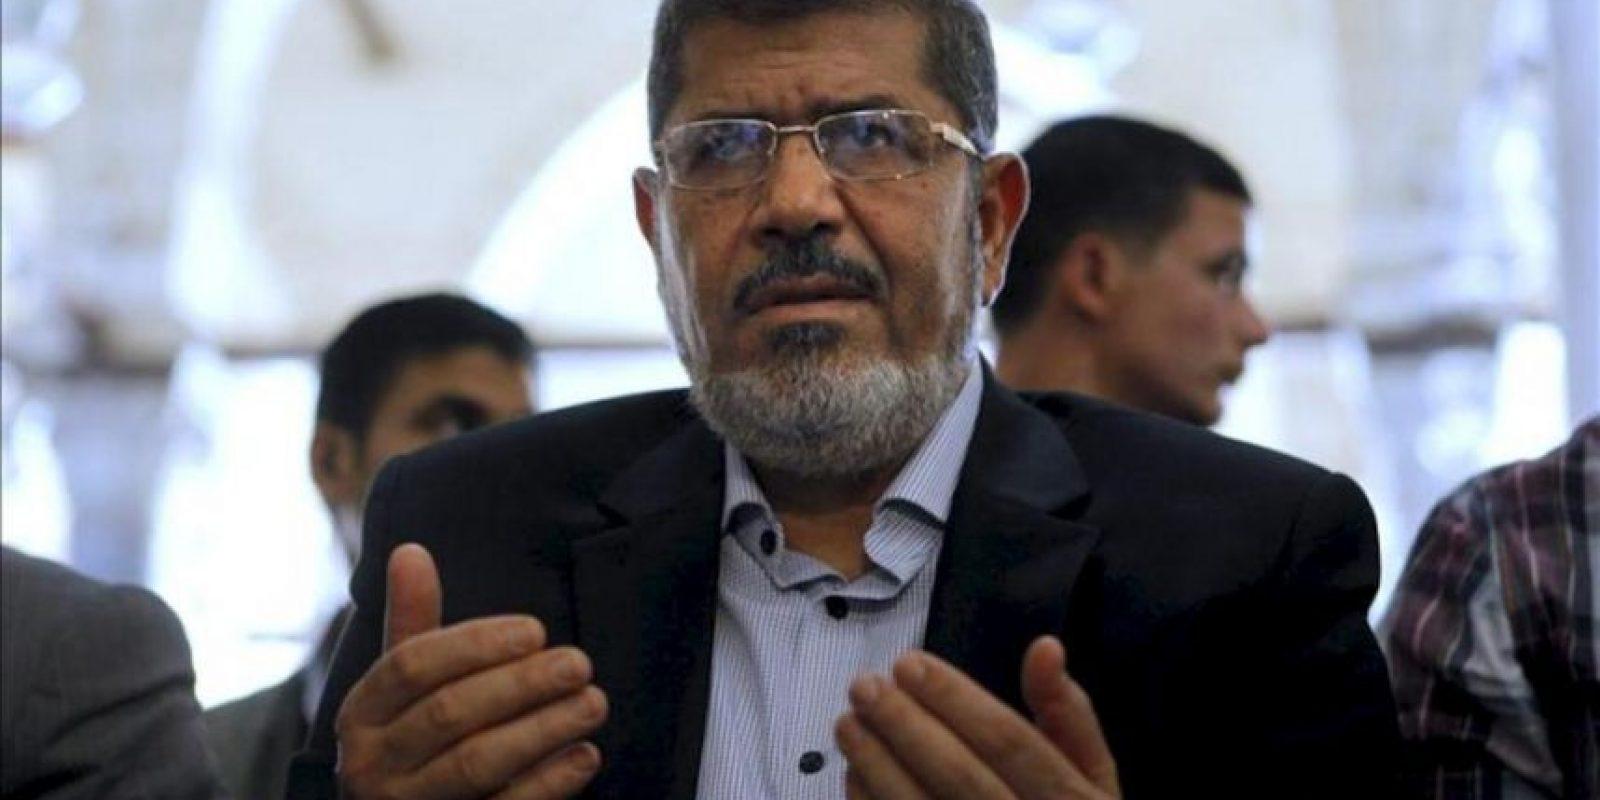 Fotografía de archivo del presidente egipcio, Mohamed Morsi (c), durante los rezos del viernes en una mezquita de El Cairo, Egipto, el 16 de junio de 2012. EFE/Archivo